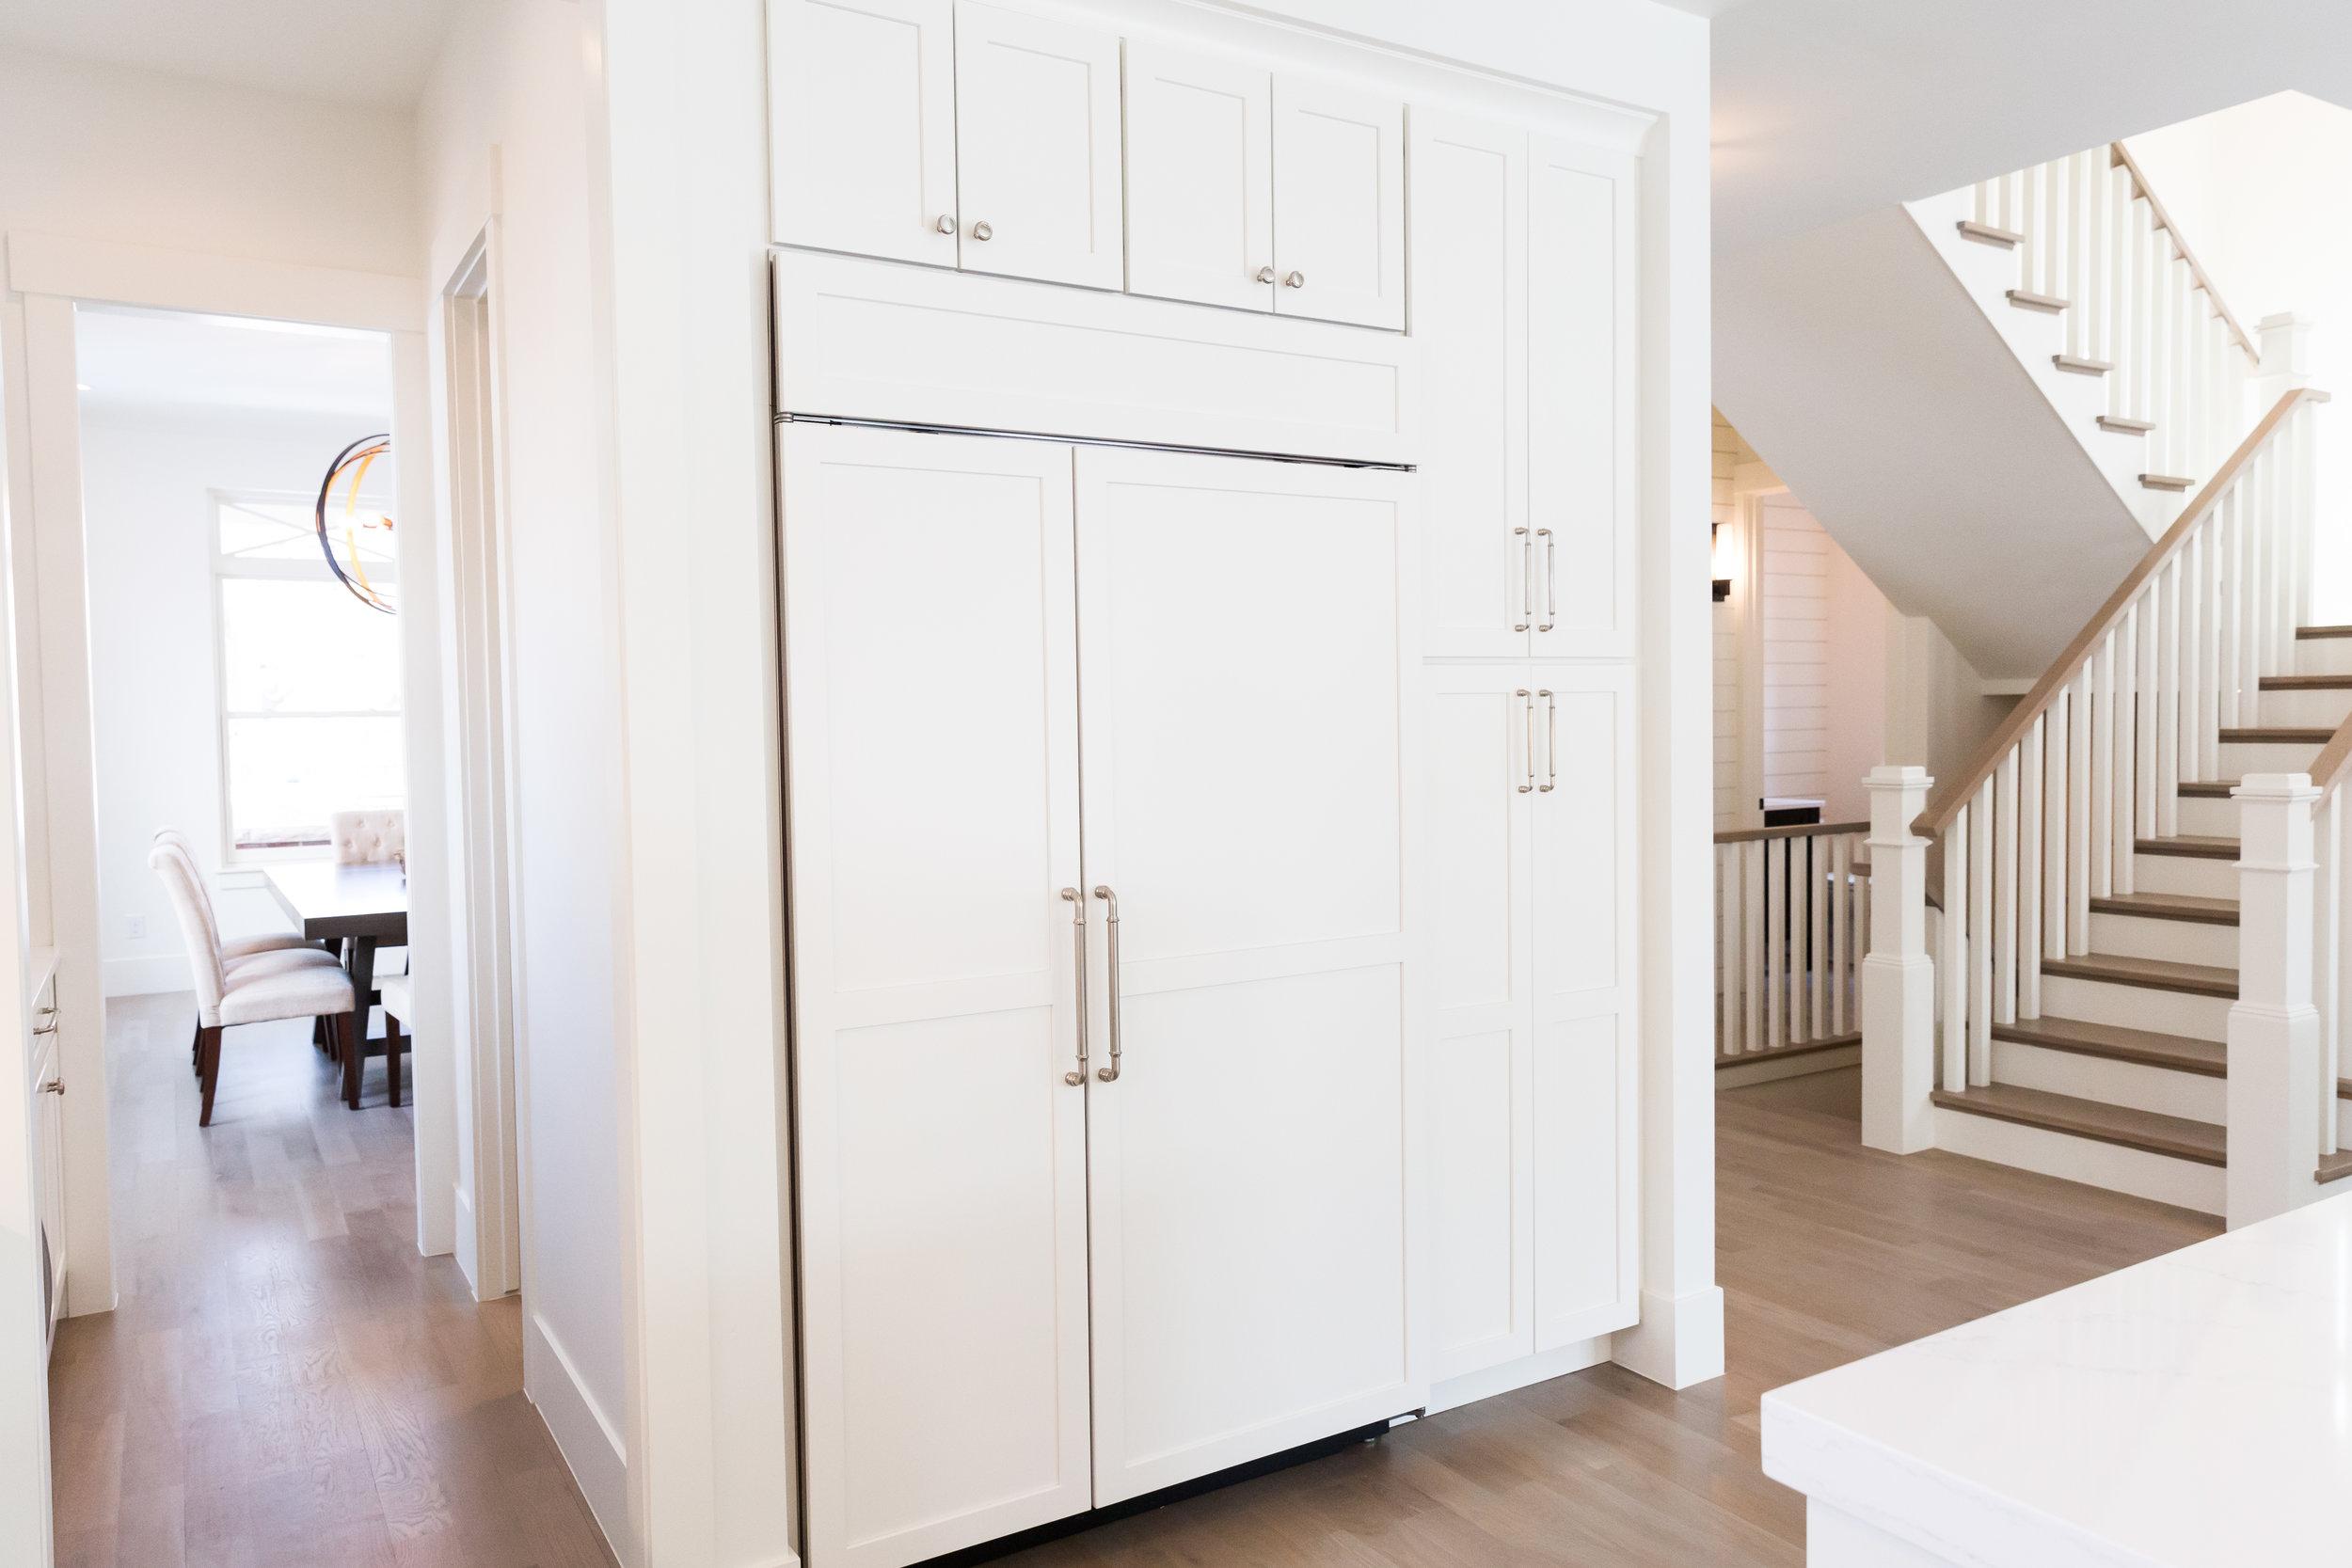 525 refrigerator.jpg